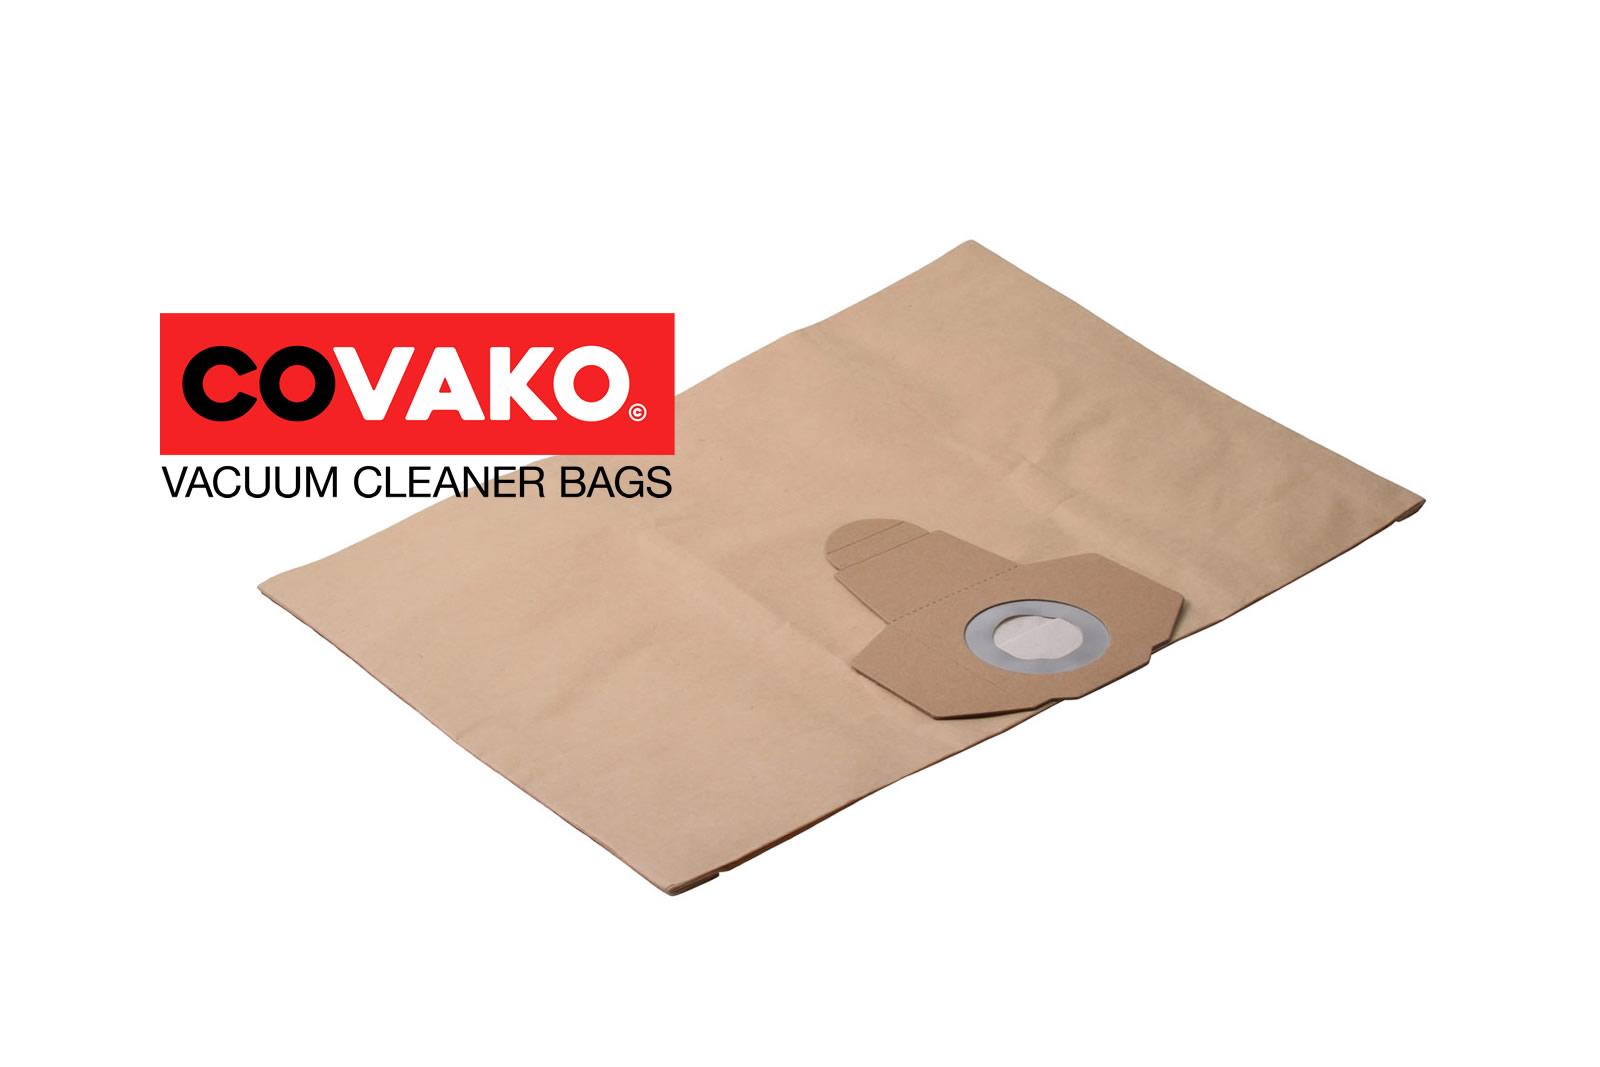 AquaVac Boxter 15 P / Paper - AquaVac vacuum cleaner bags